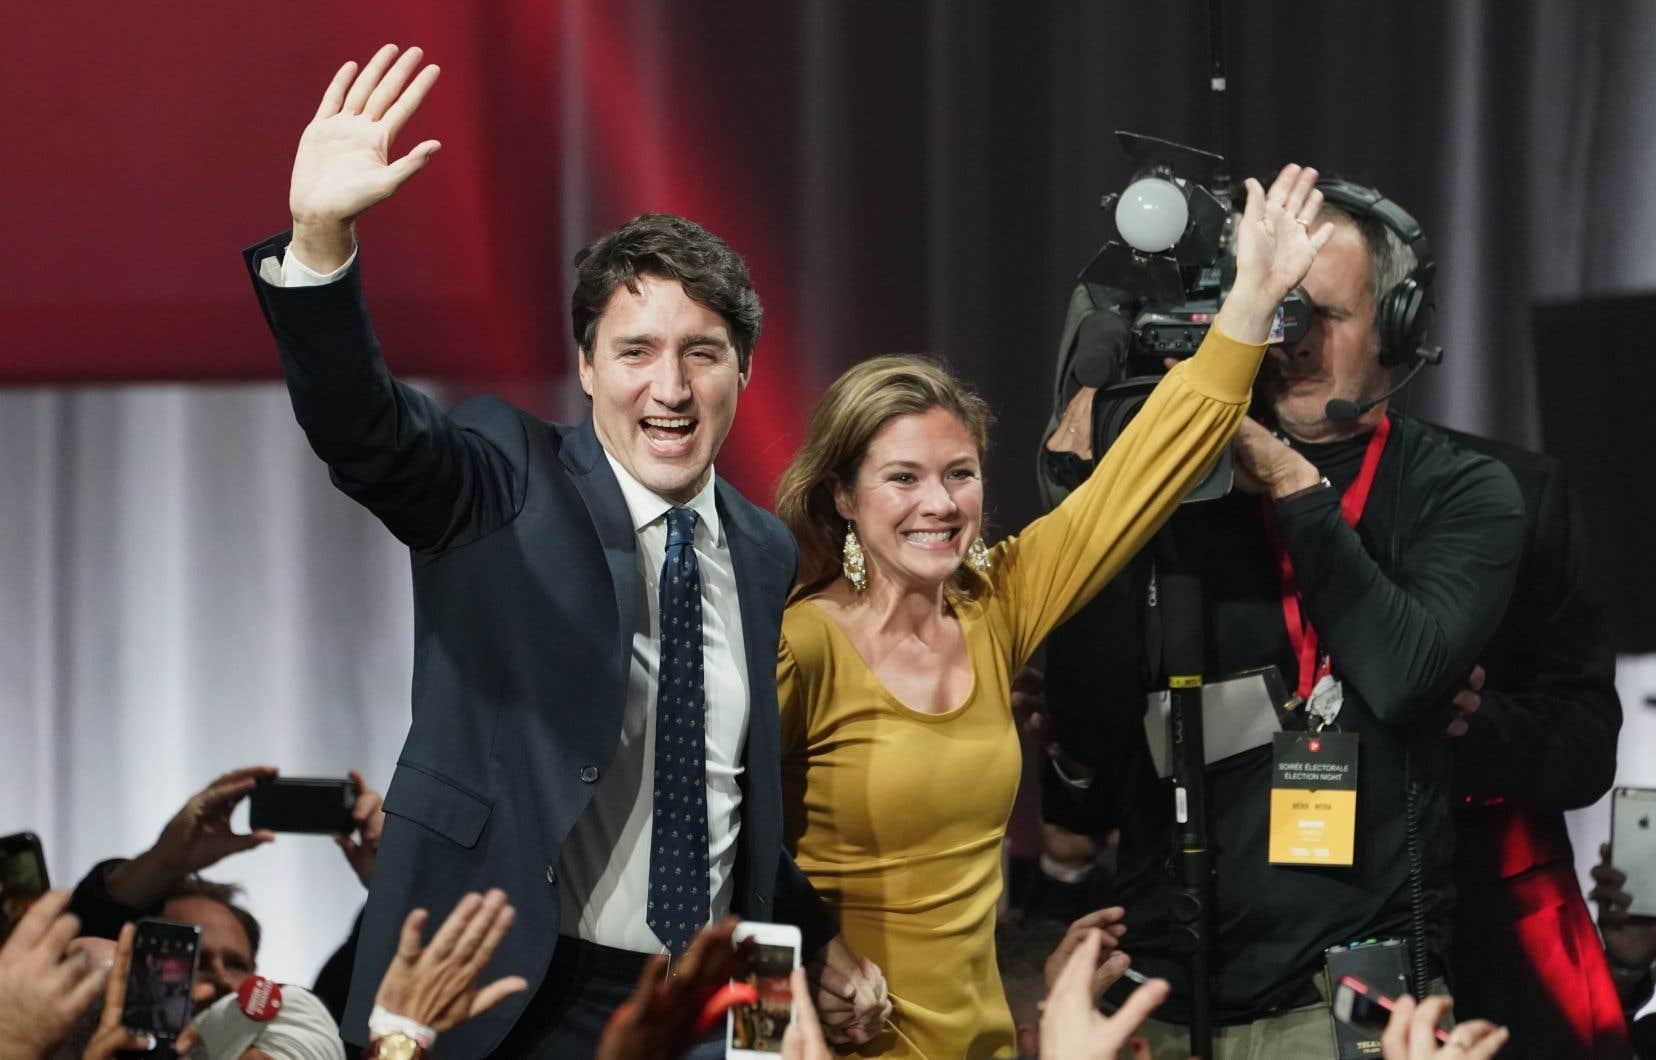 Le chef libéral aura décroché le second mandat qu'il réclamait à l'électorat, mais un mandat diminué.